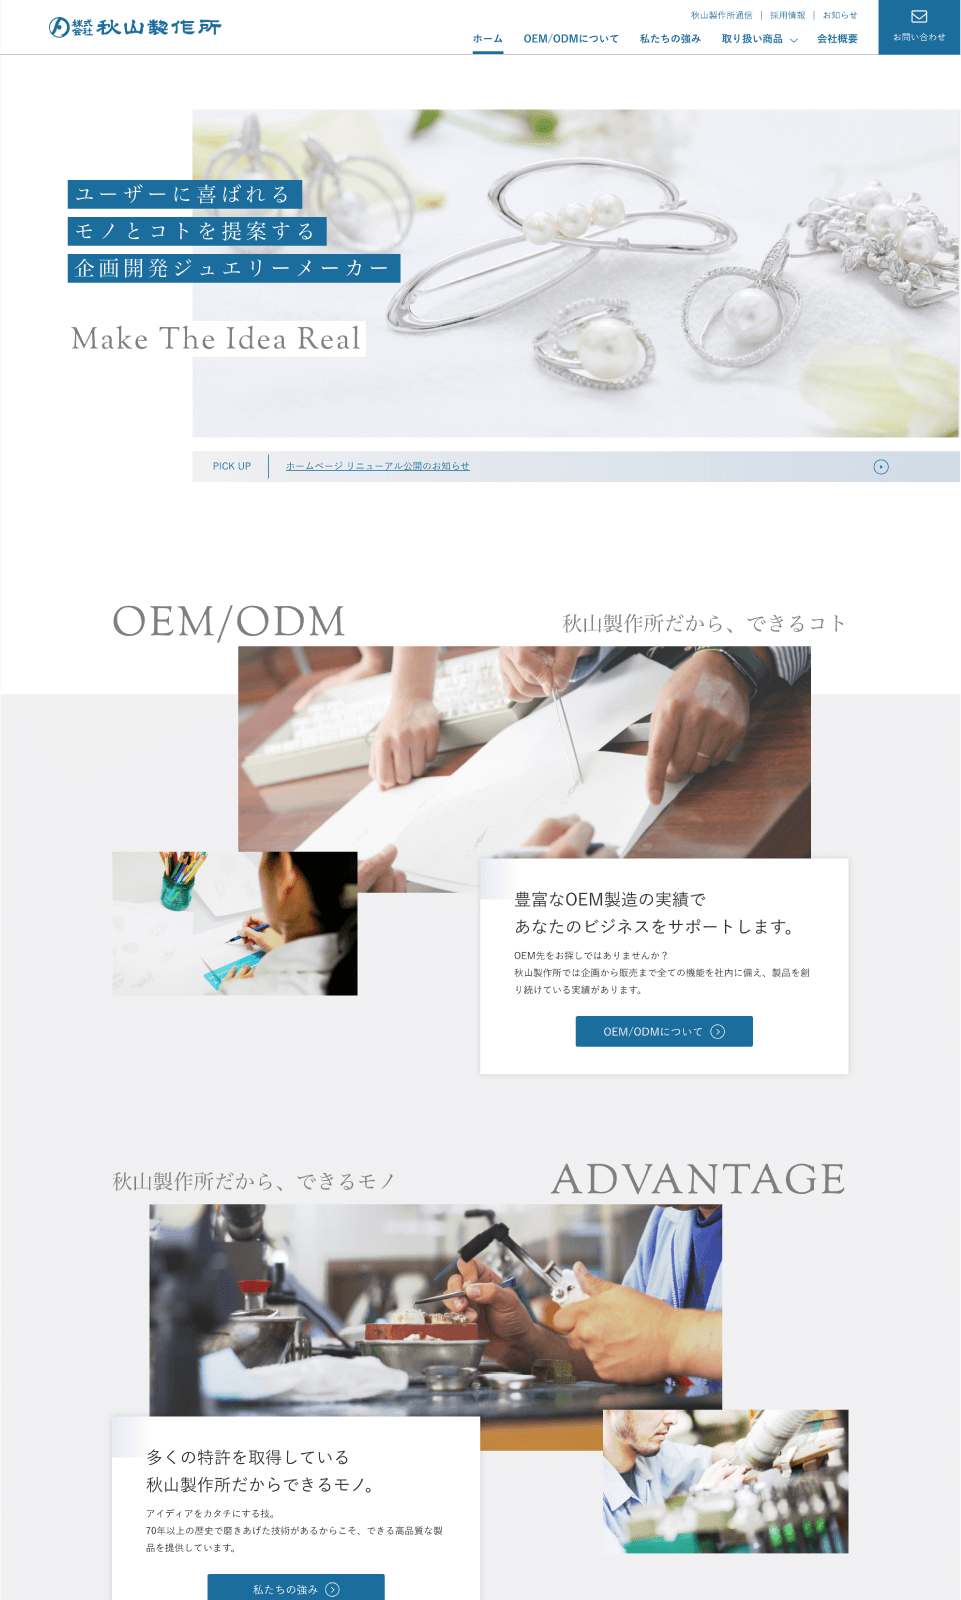 株式会社 秋山製作所